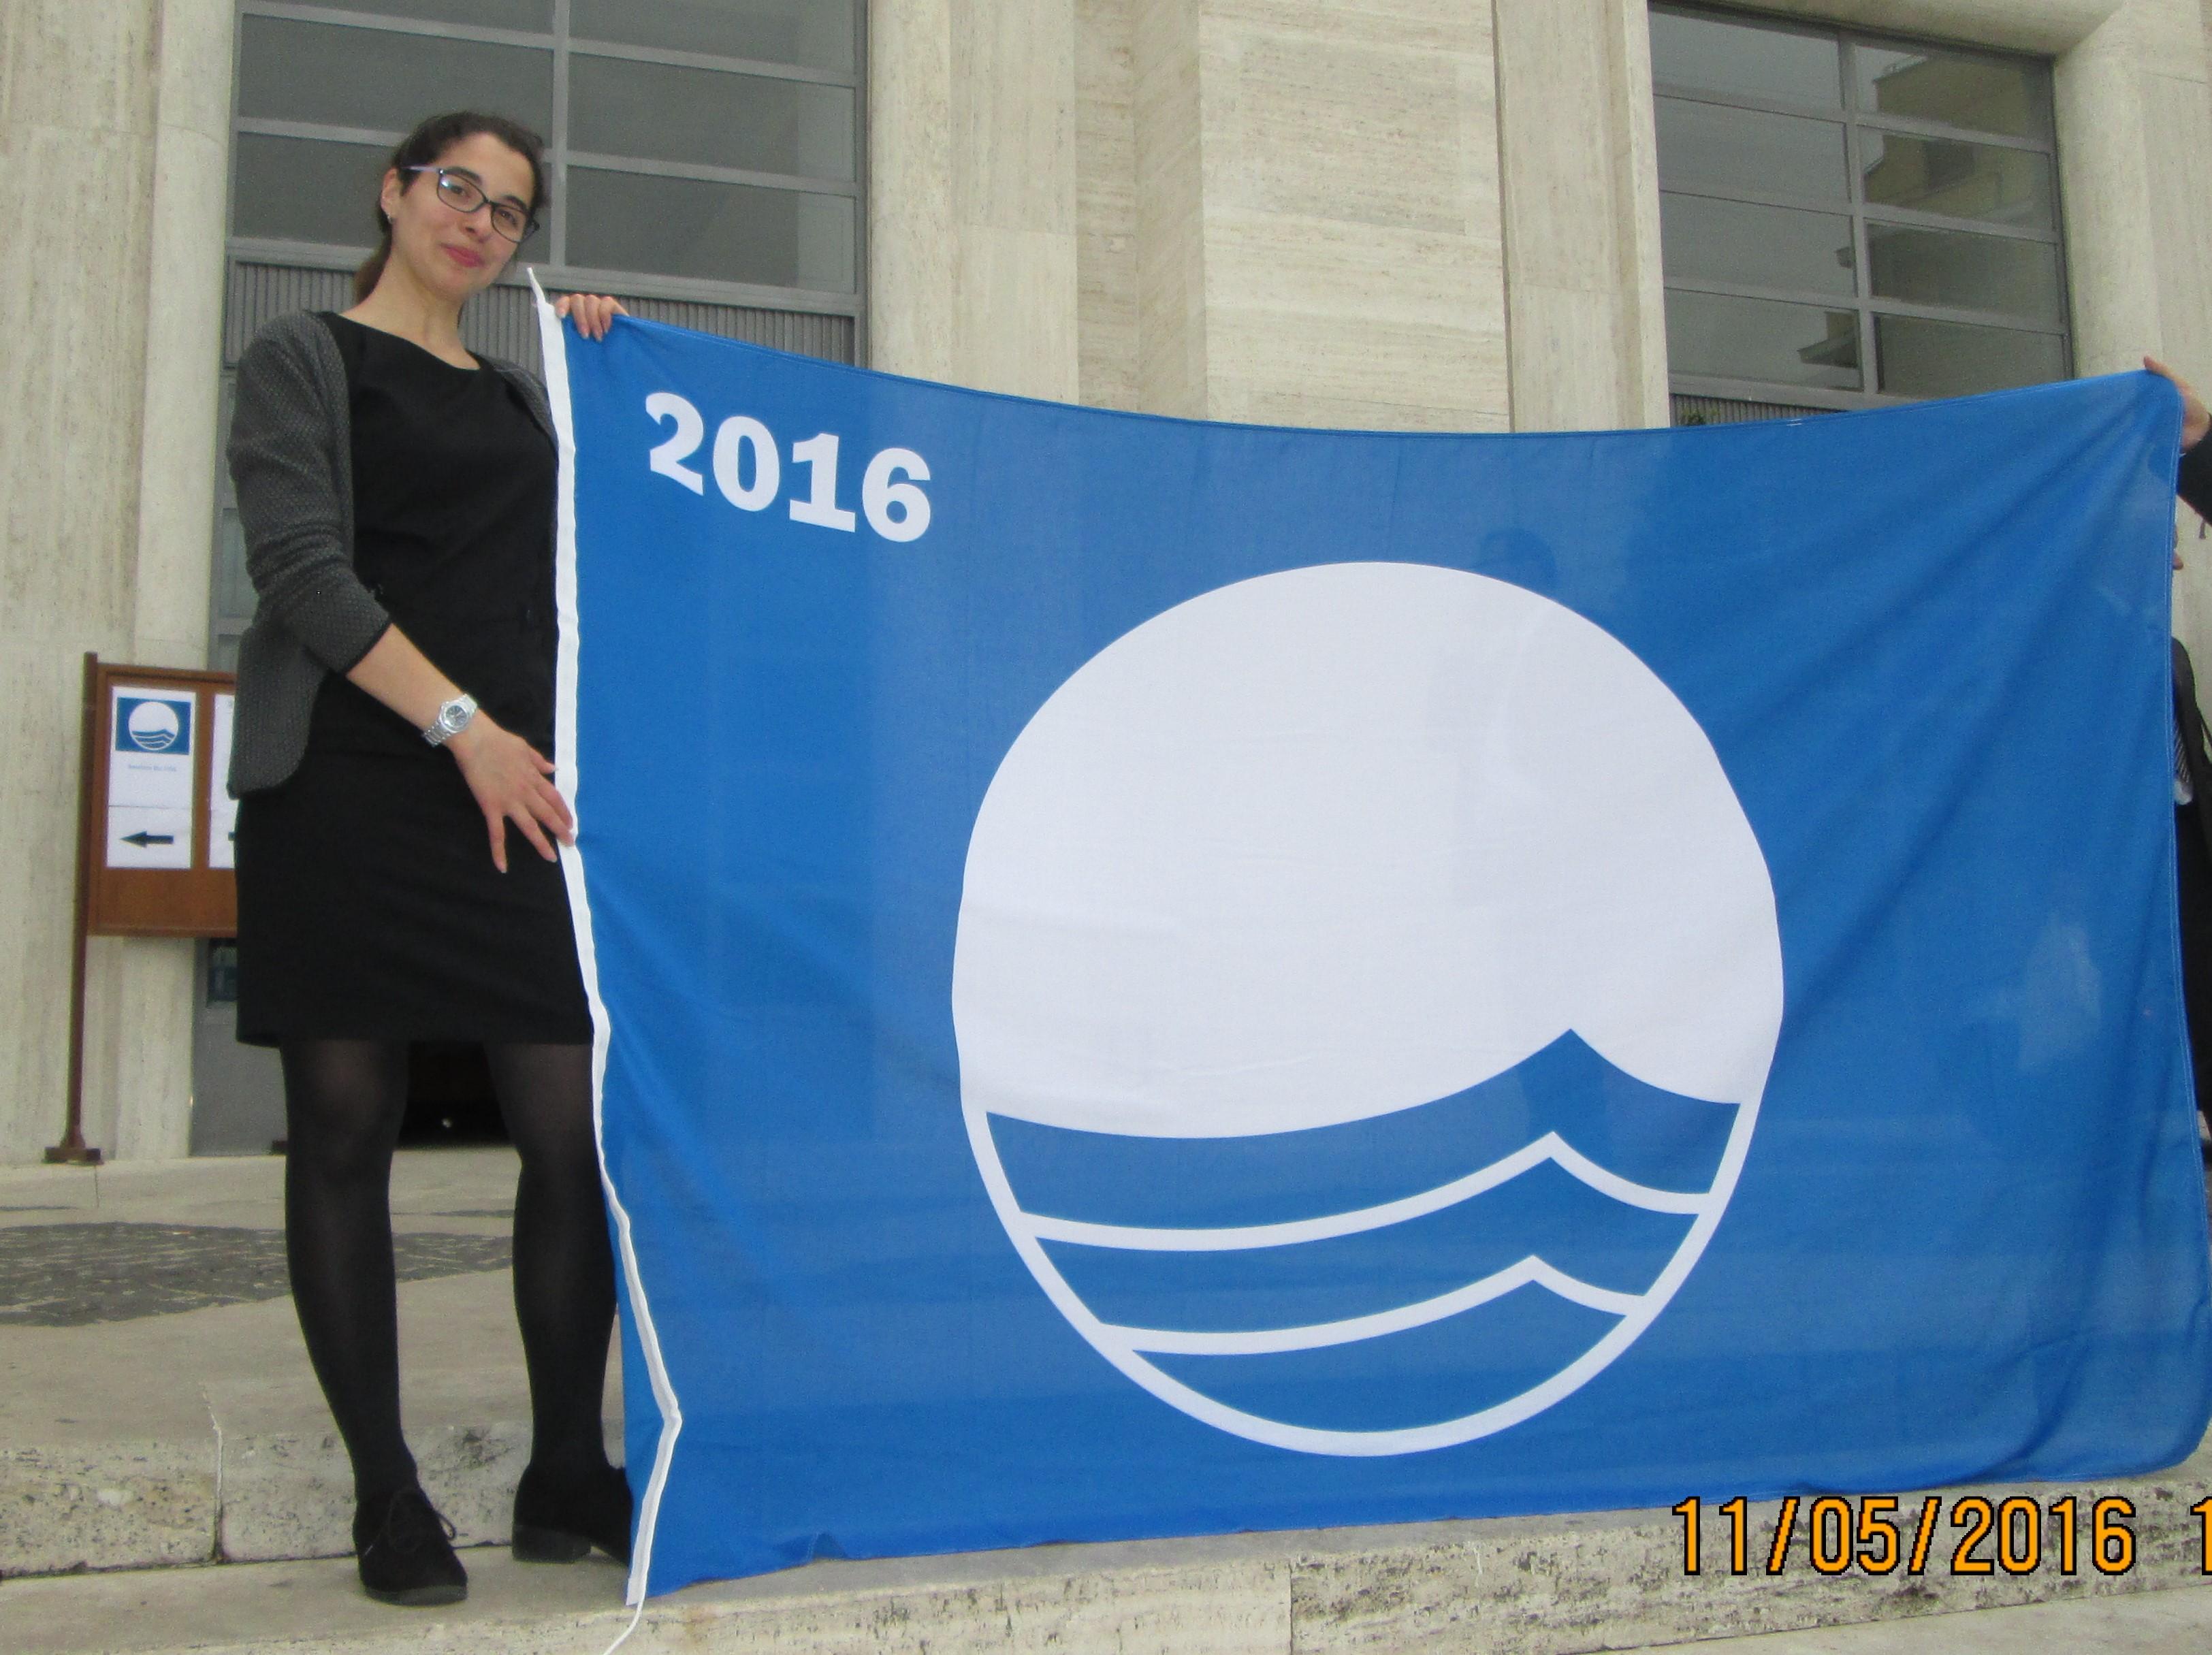 Bandiera Blu assegnata a Lipari